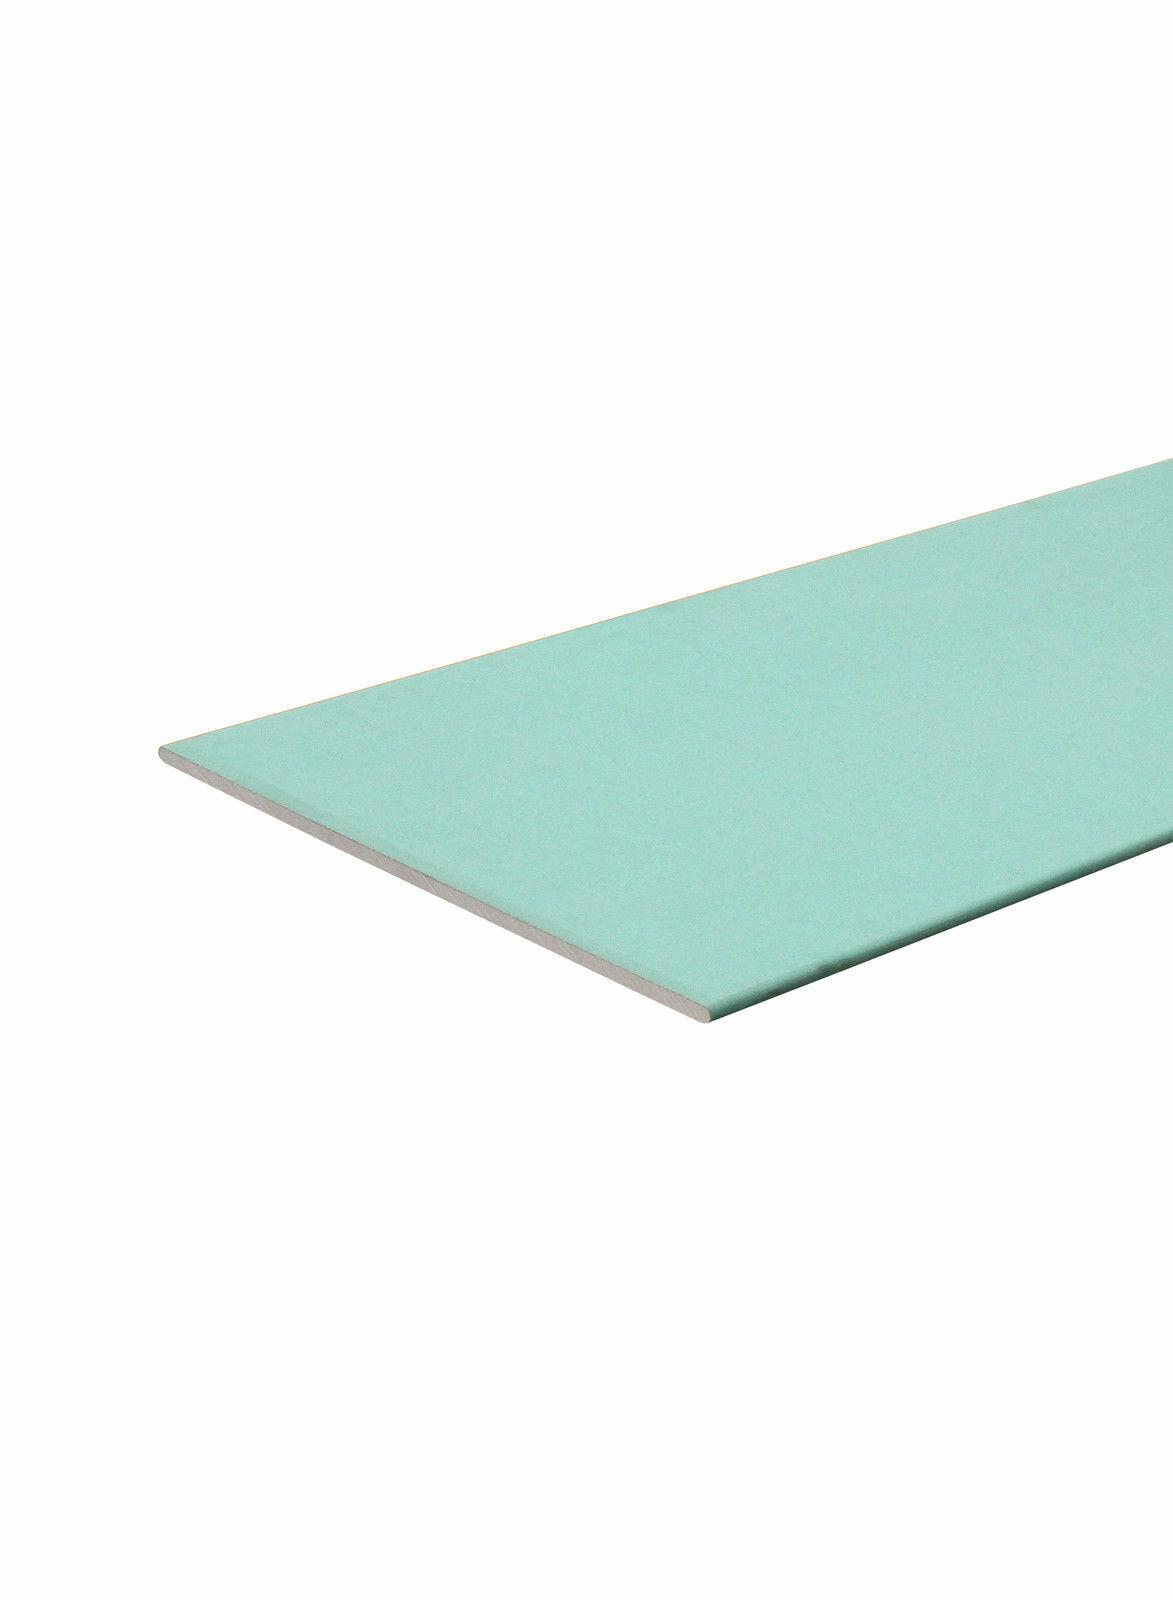 Gipskartonplatte 2000 x 1250 x 12,5 mm FEUCHTRAUM imprägniert Gipskarton